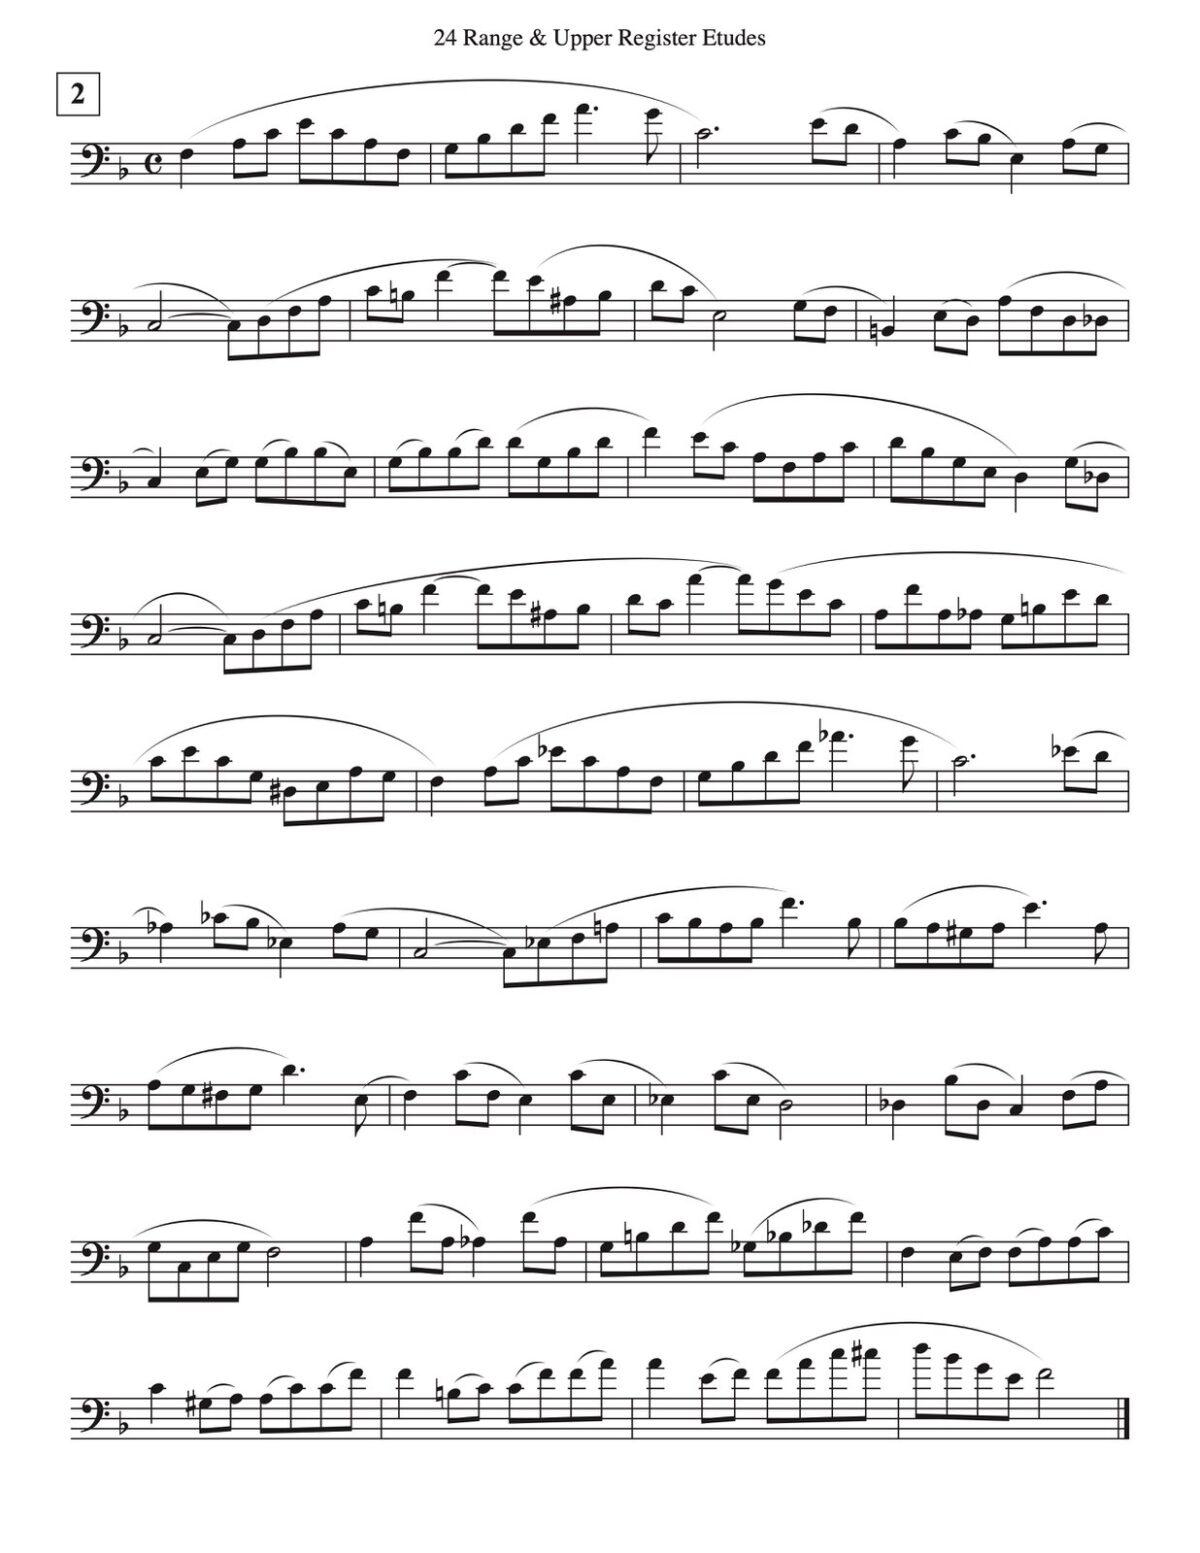 Veldkamp, 24 High Range Studies for Trombone-p04